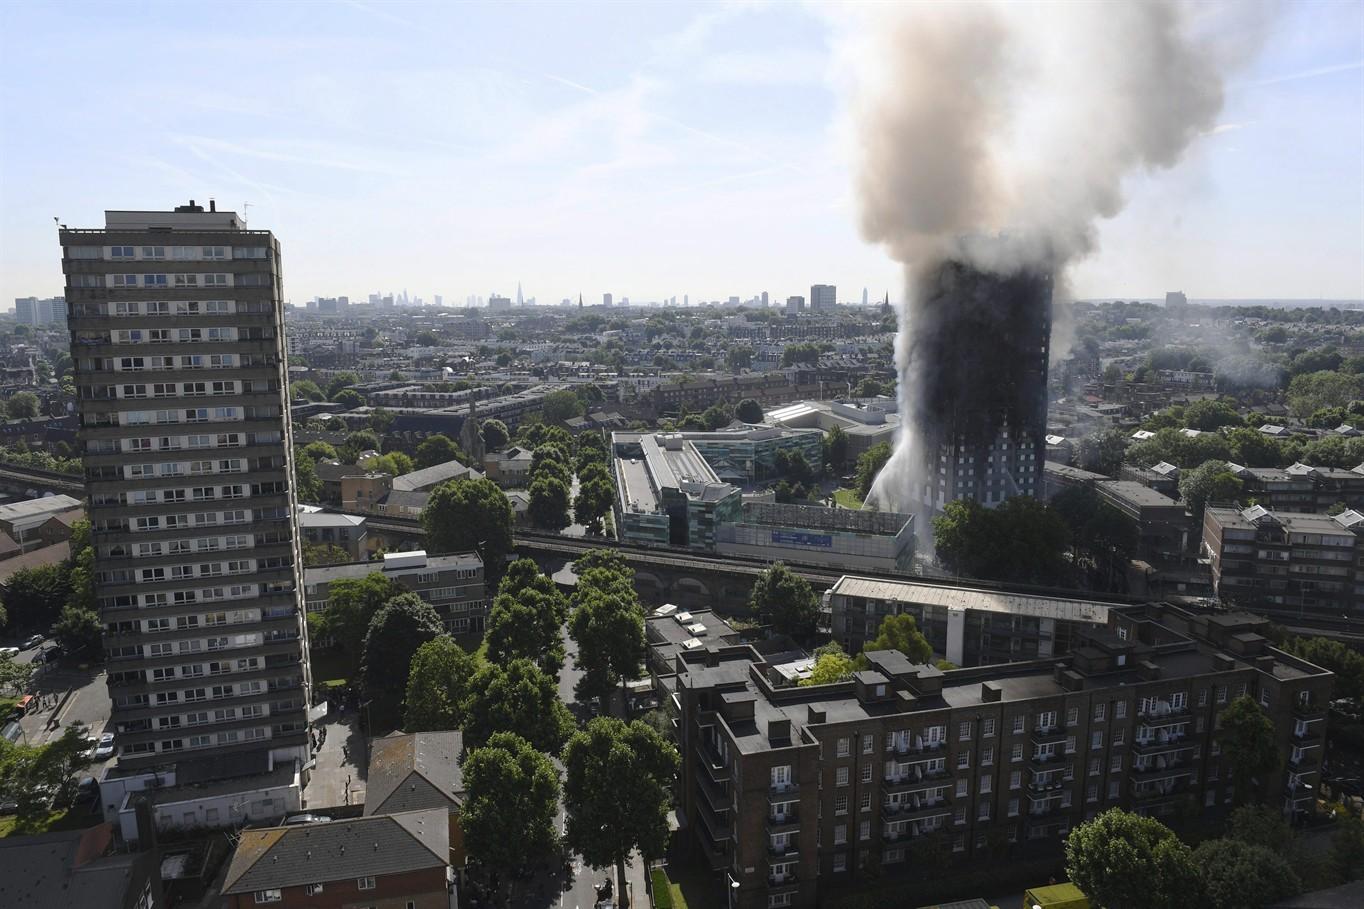 London fire: Several dead, 50 taken to hospital